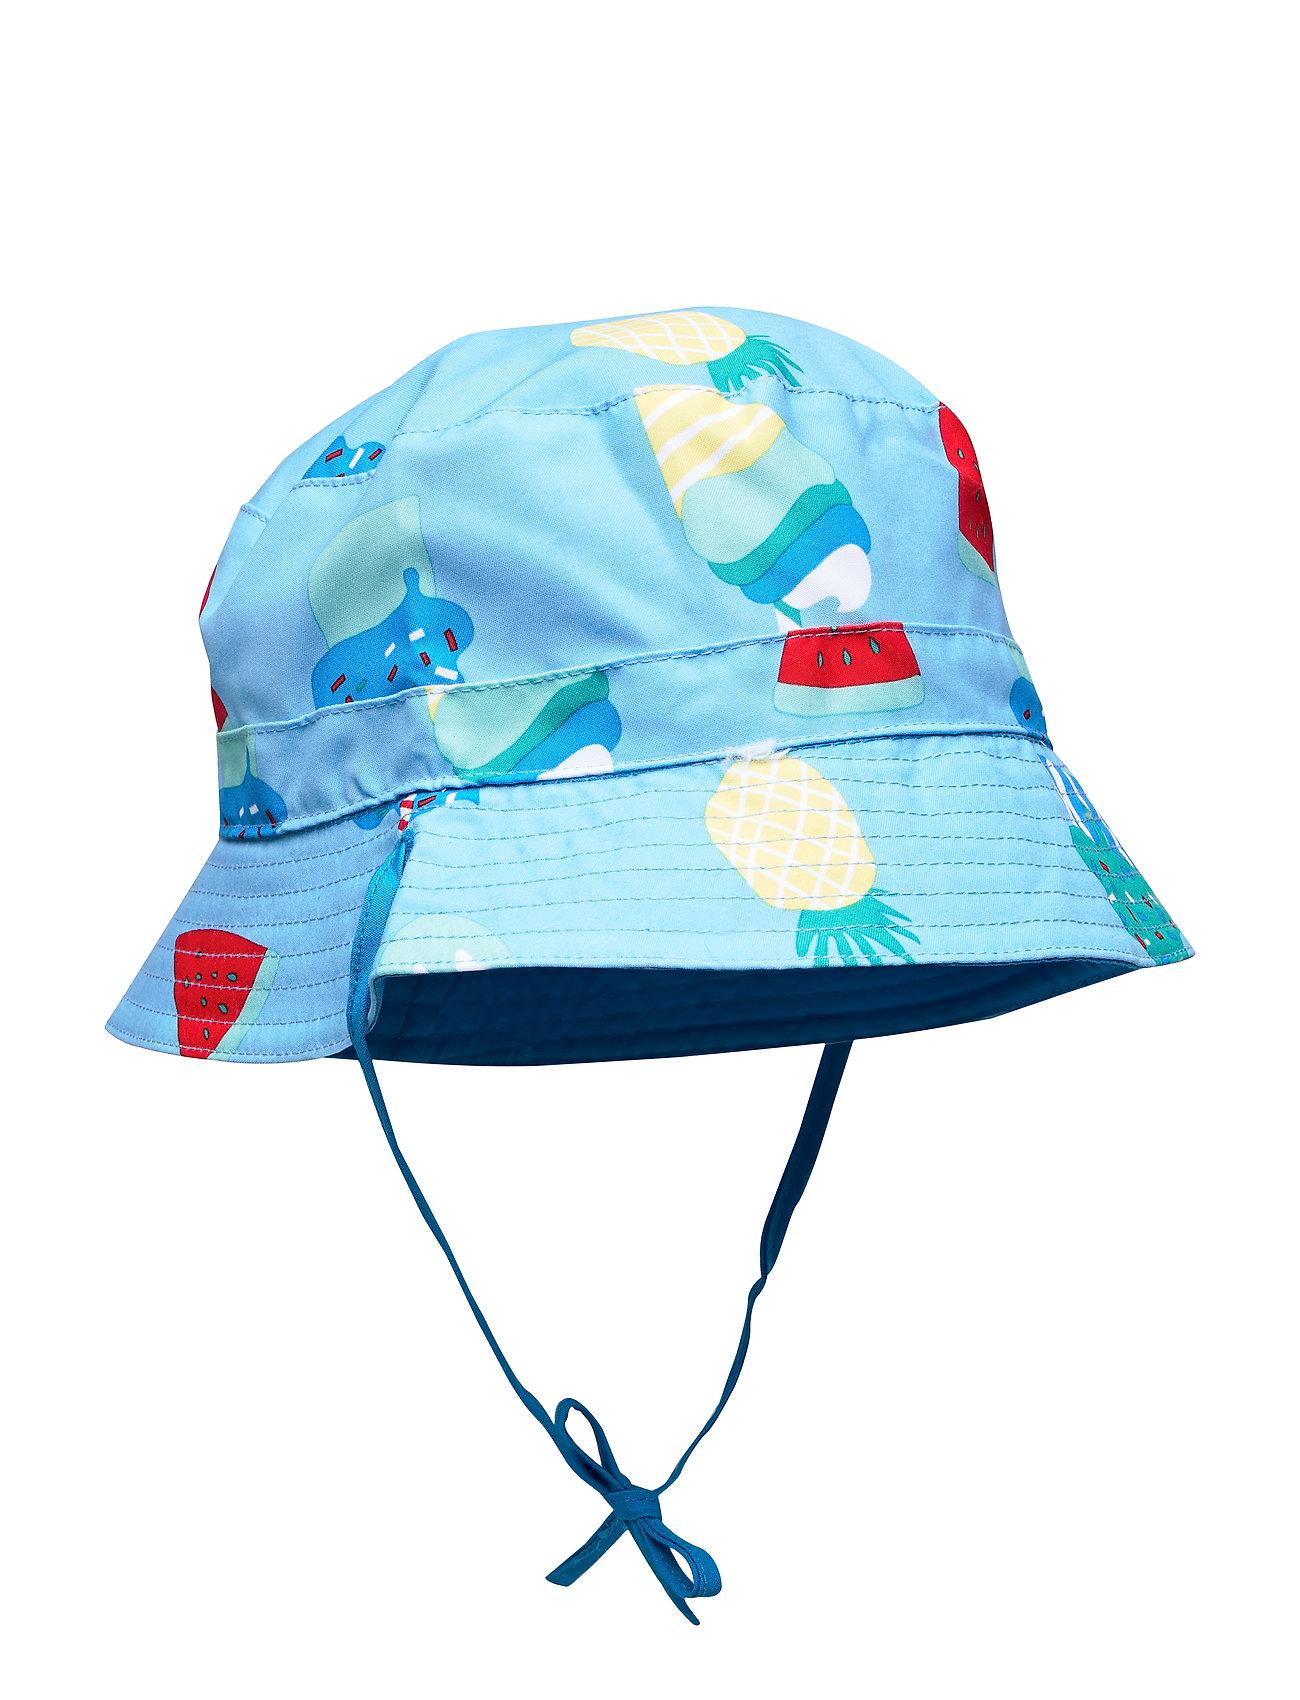 Polarn O. Pyret Sunhat Reversible Solid/AOP Preschool - ALASKAN BLUE